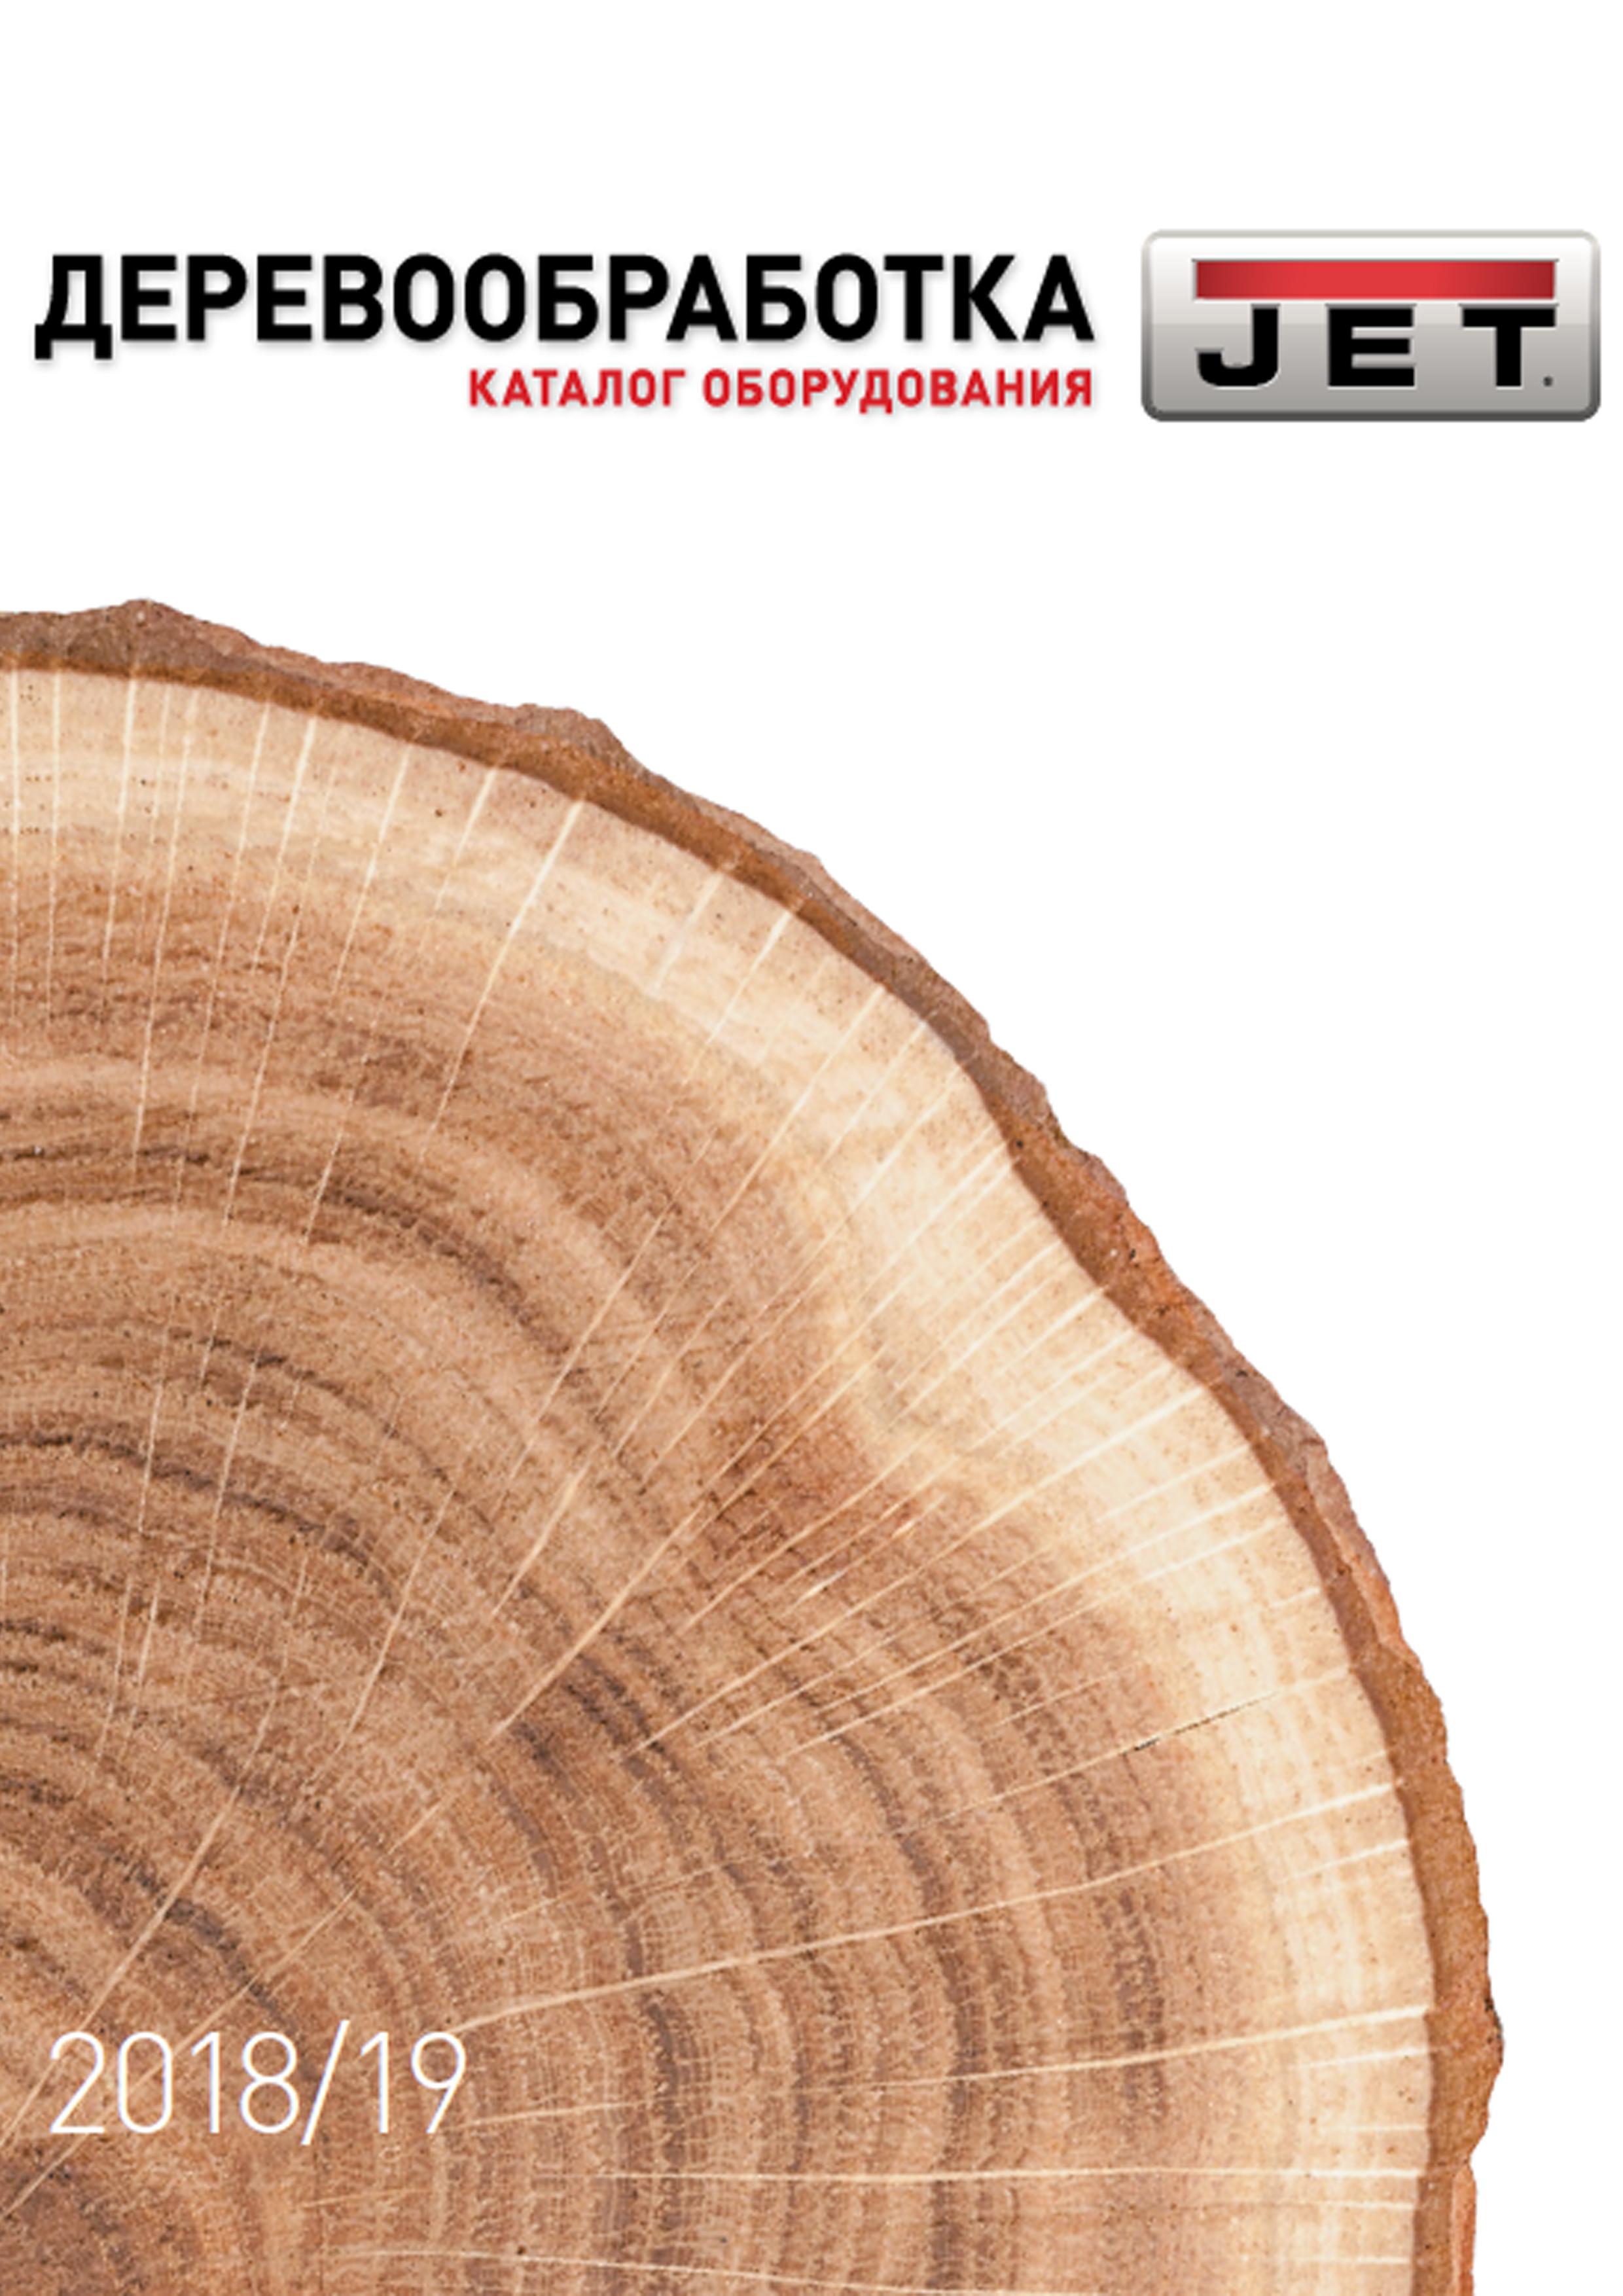 Каталог по деревообработке 2018/2019